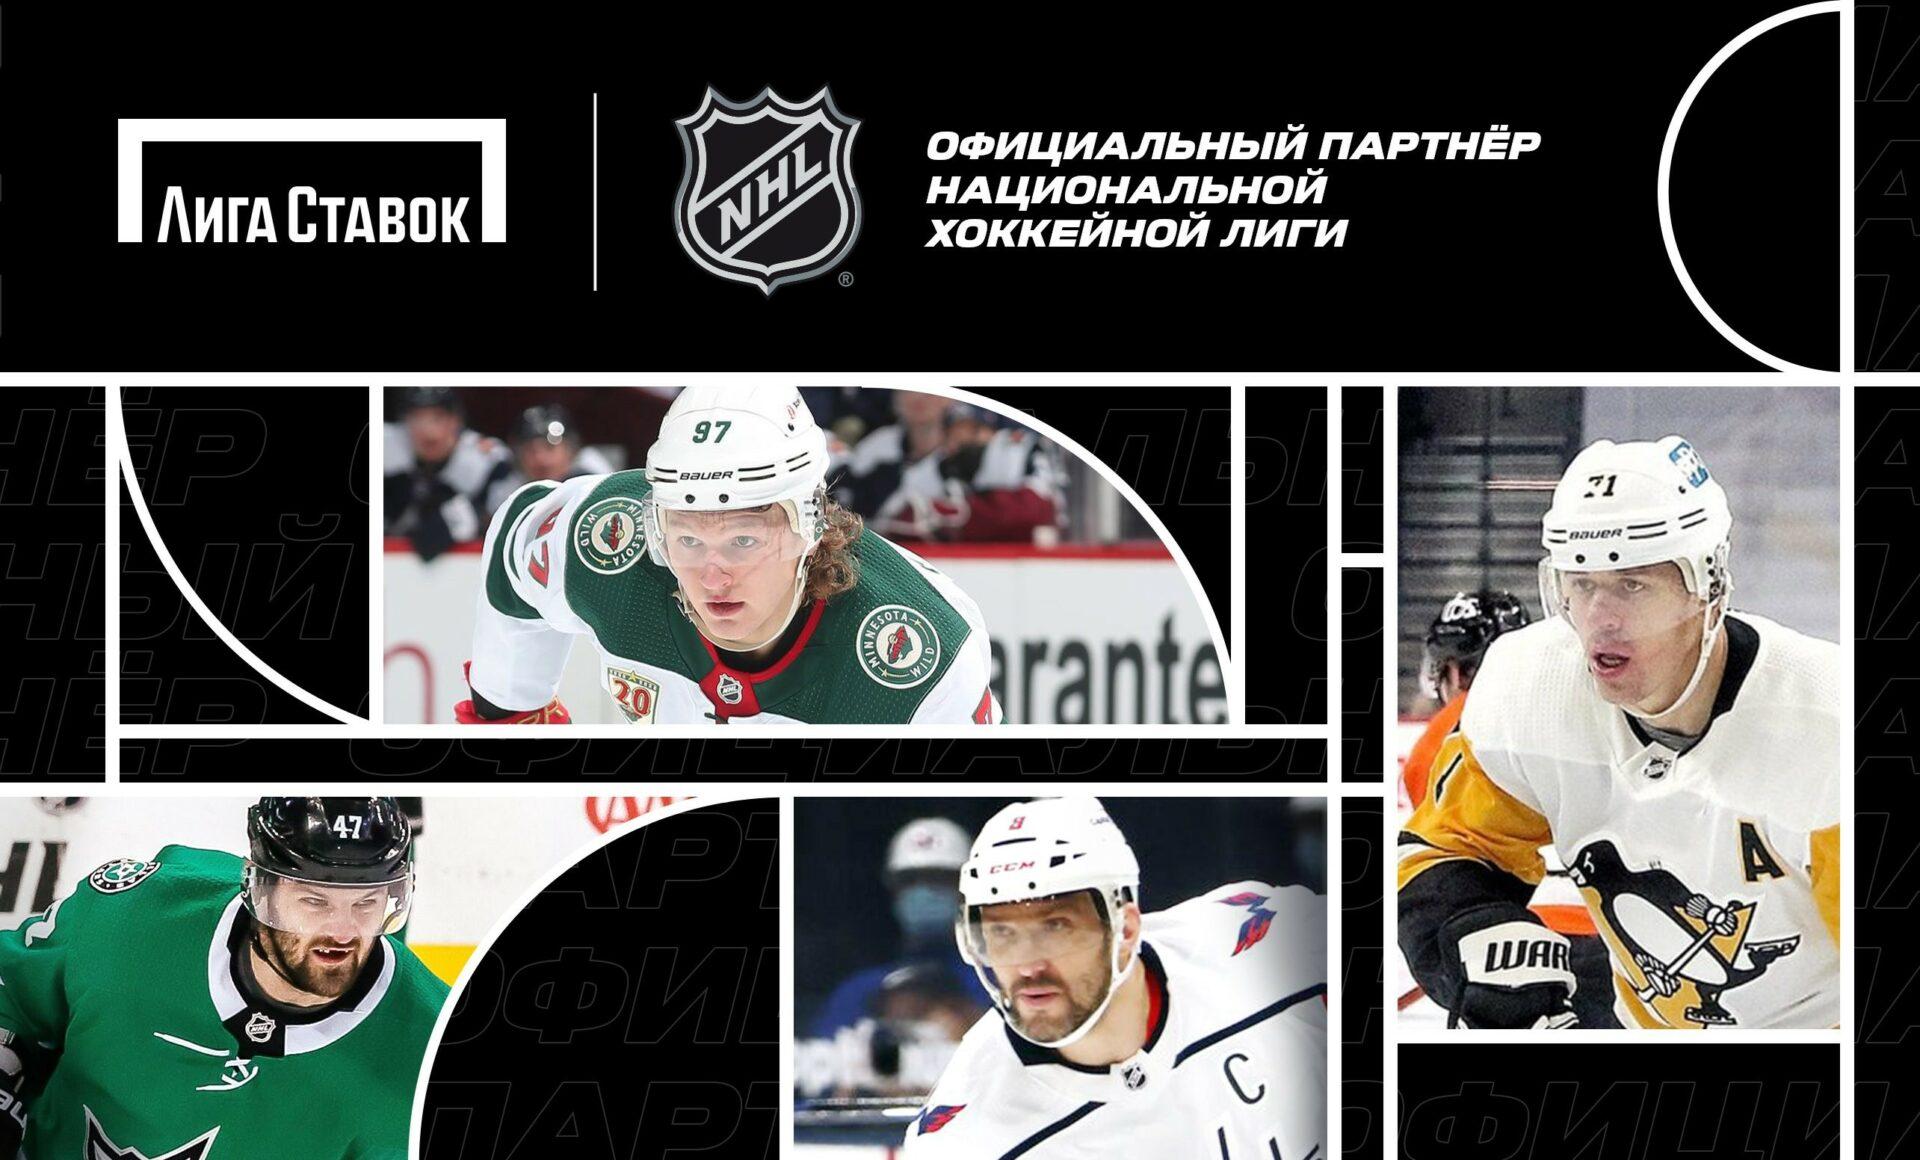 Лига Ставок НХЛ